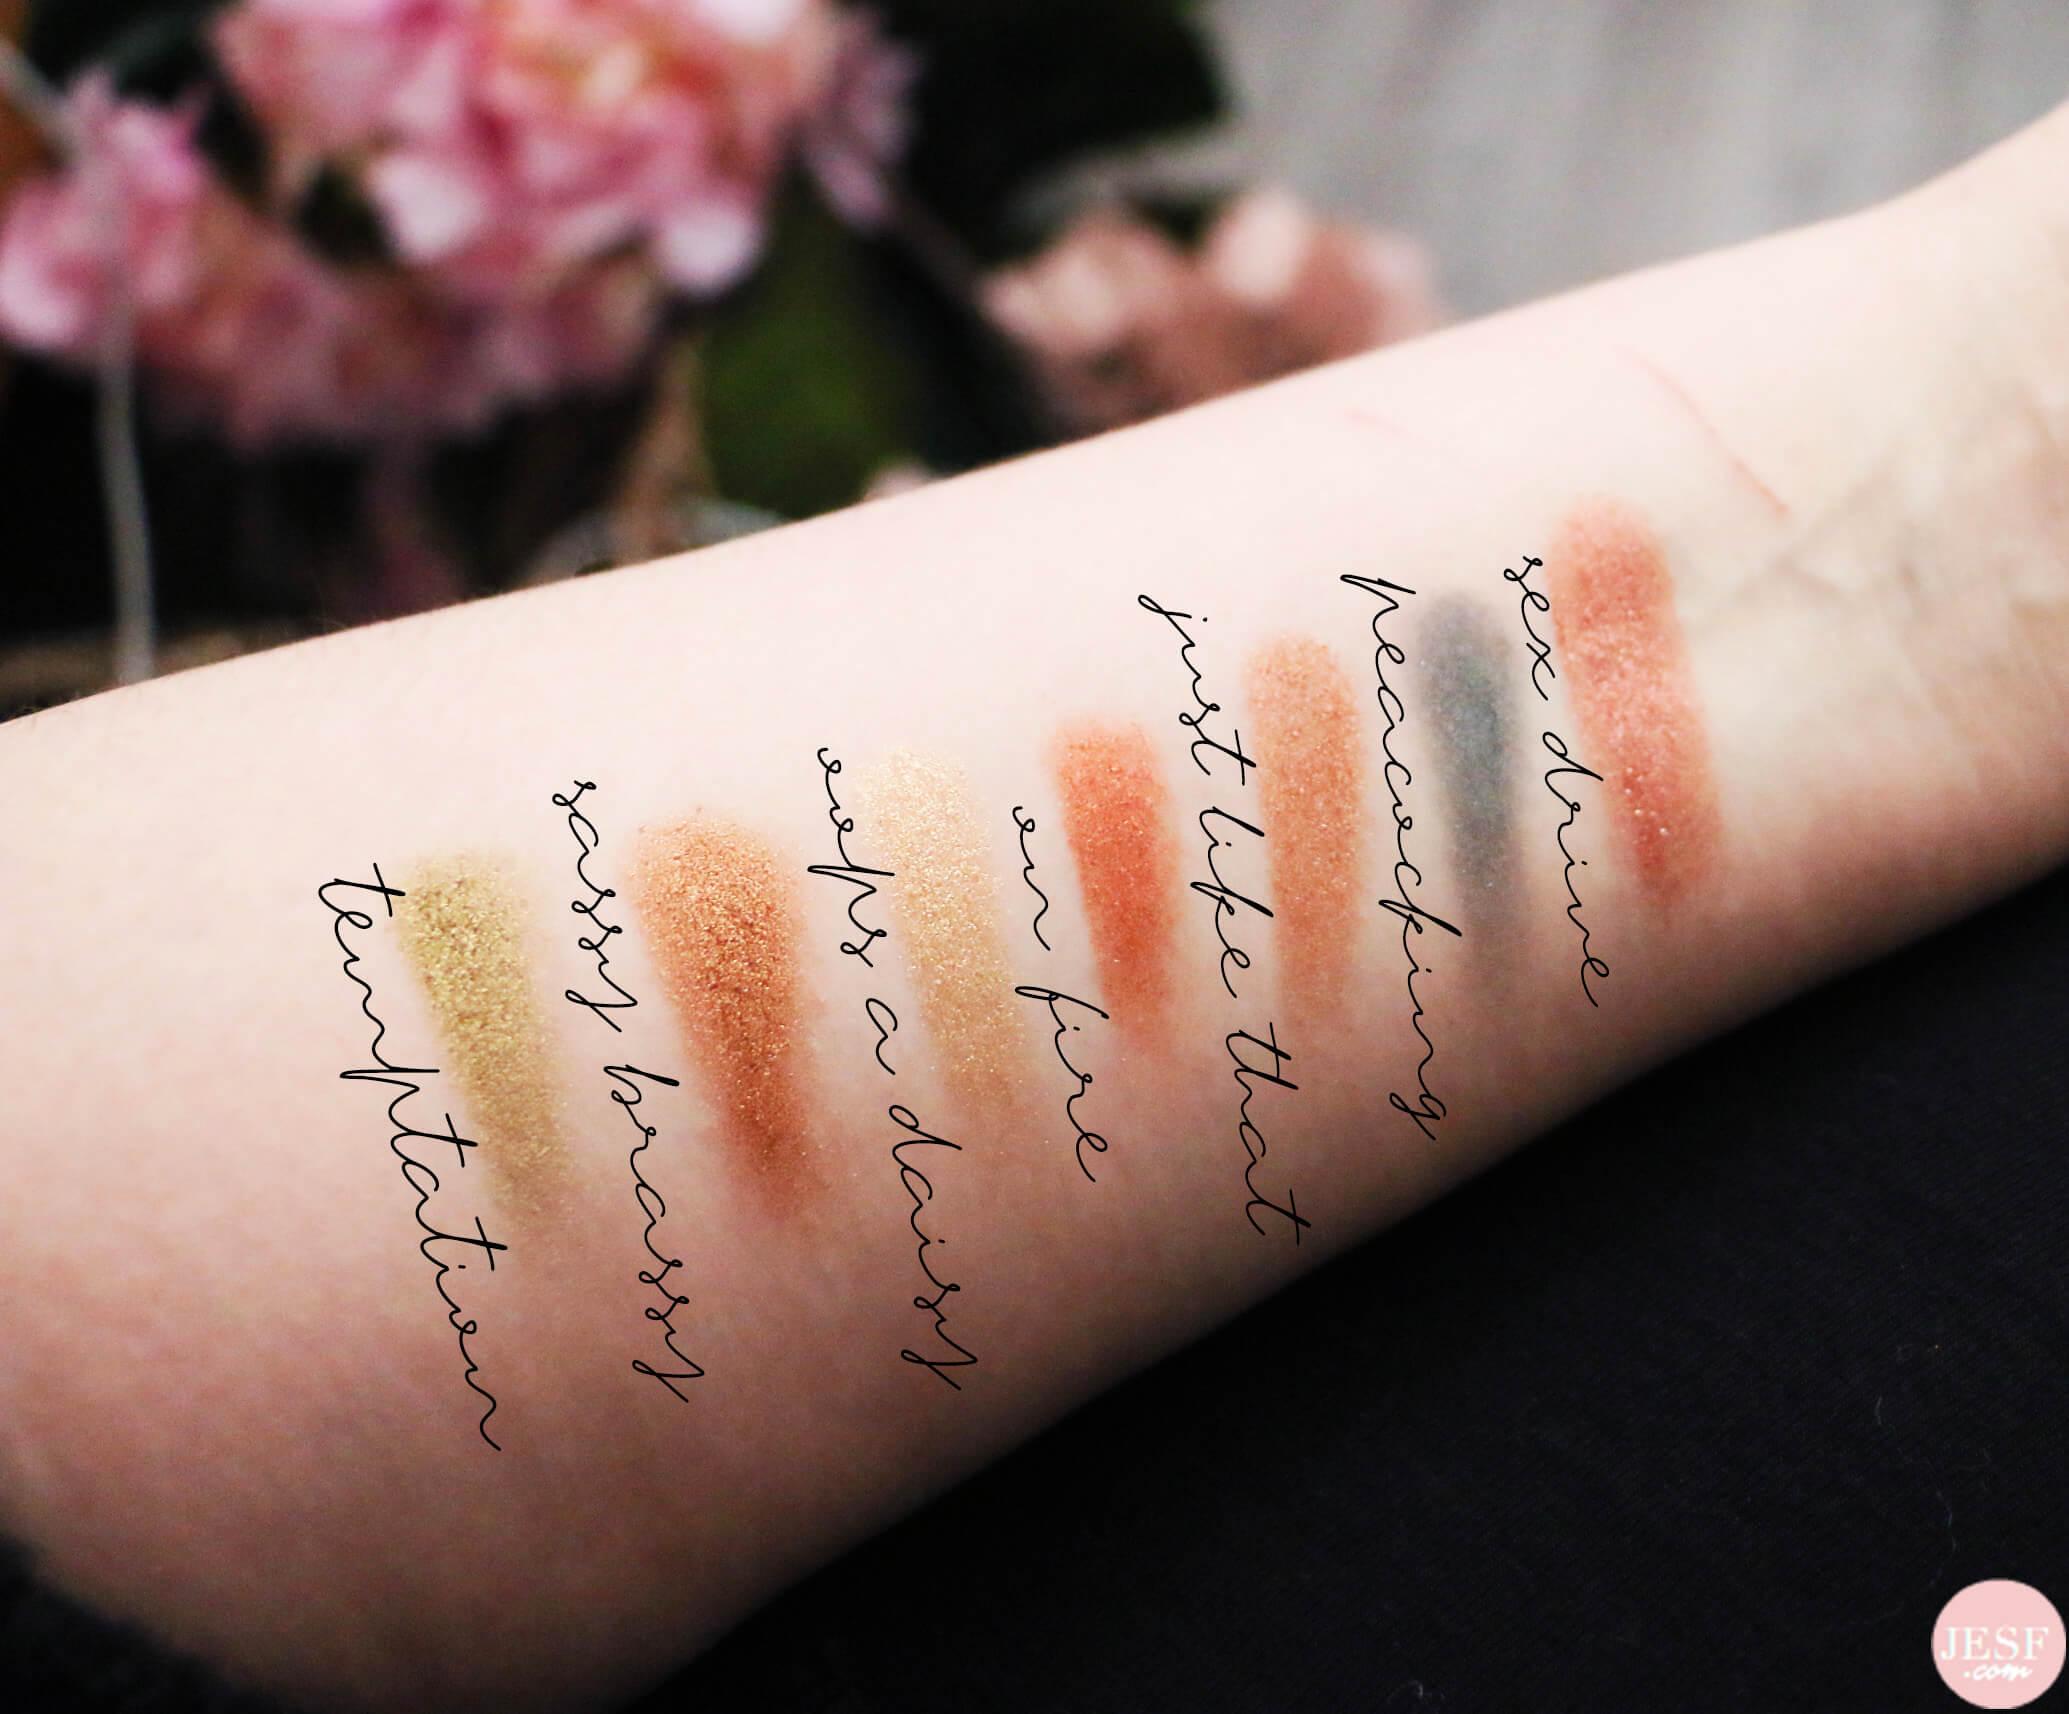 avis-palette-natural-lust-too-faced-nouveauté-printemps-makeup-revue-makeup-swatches